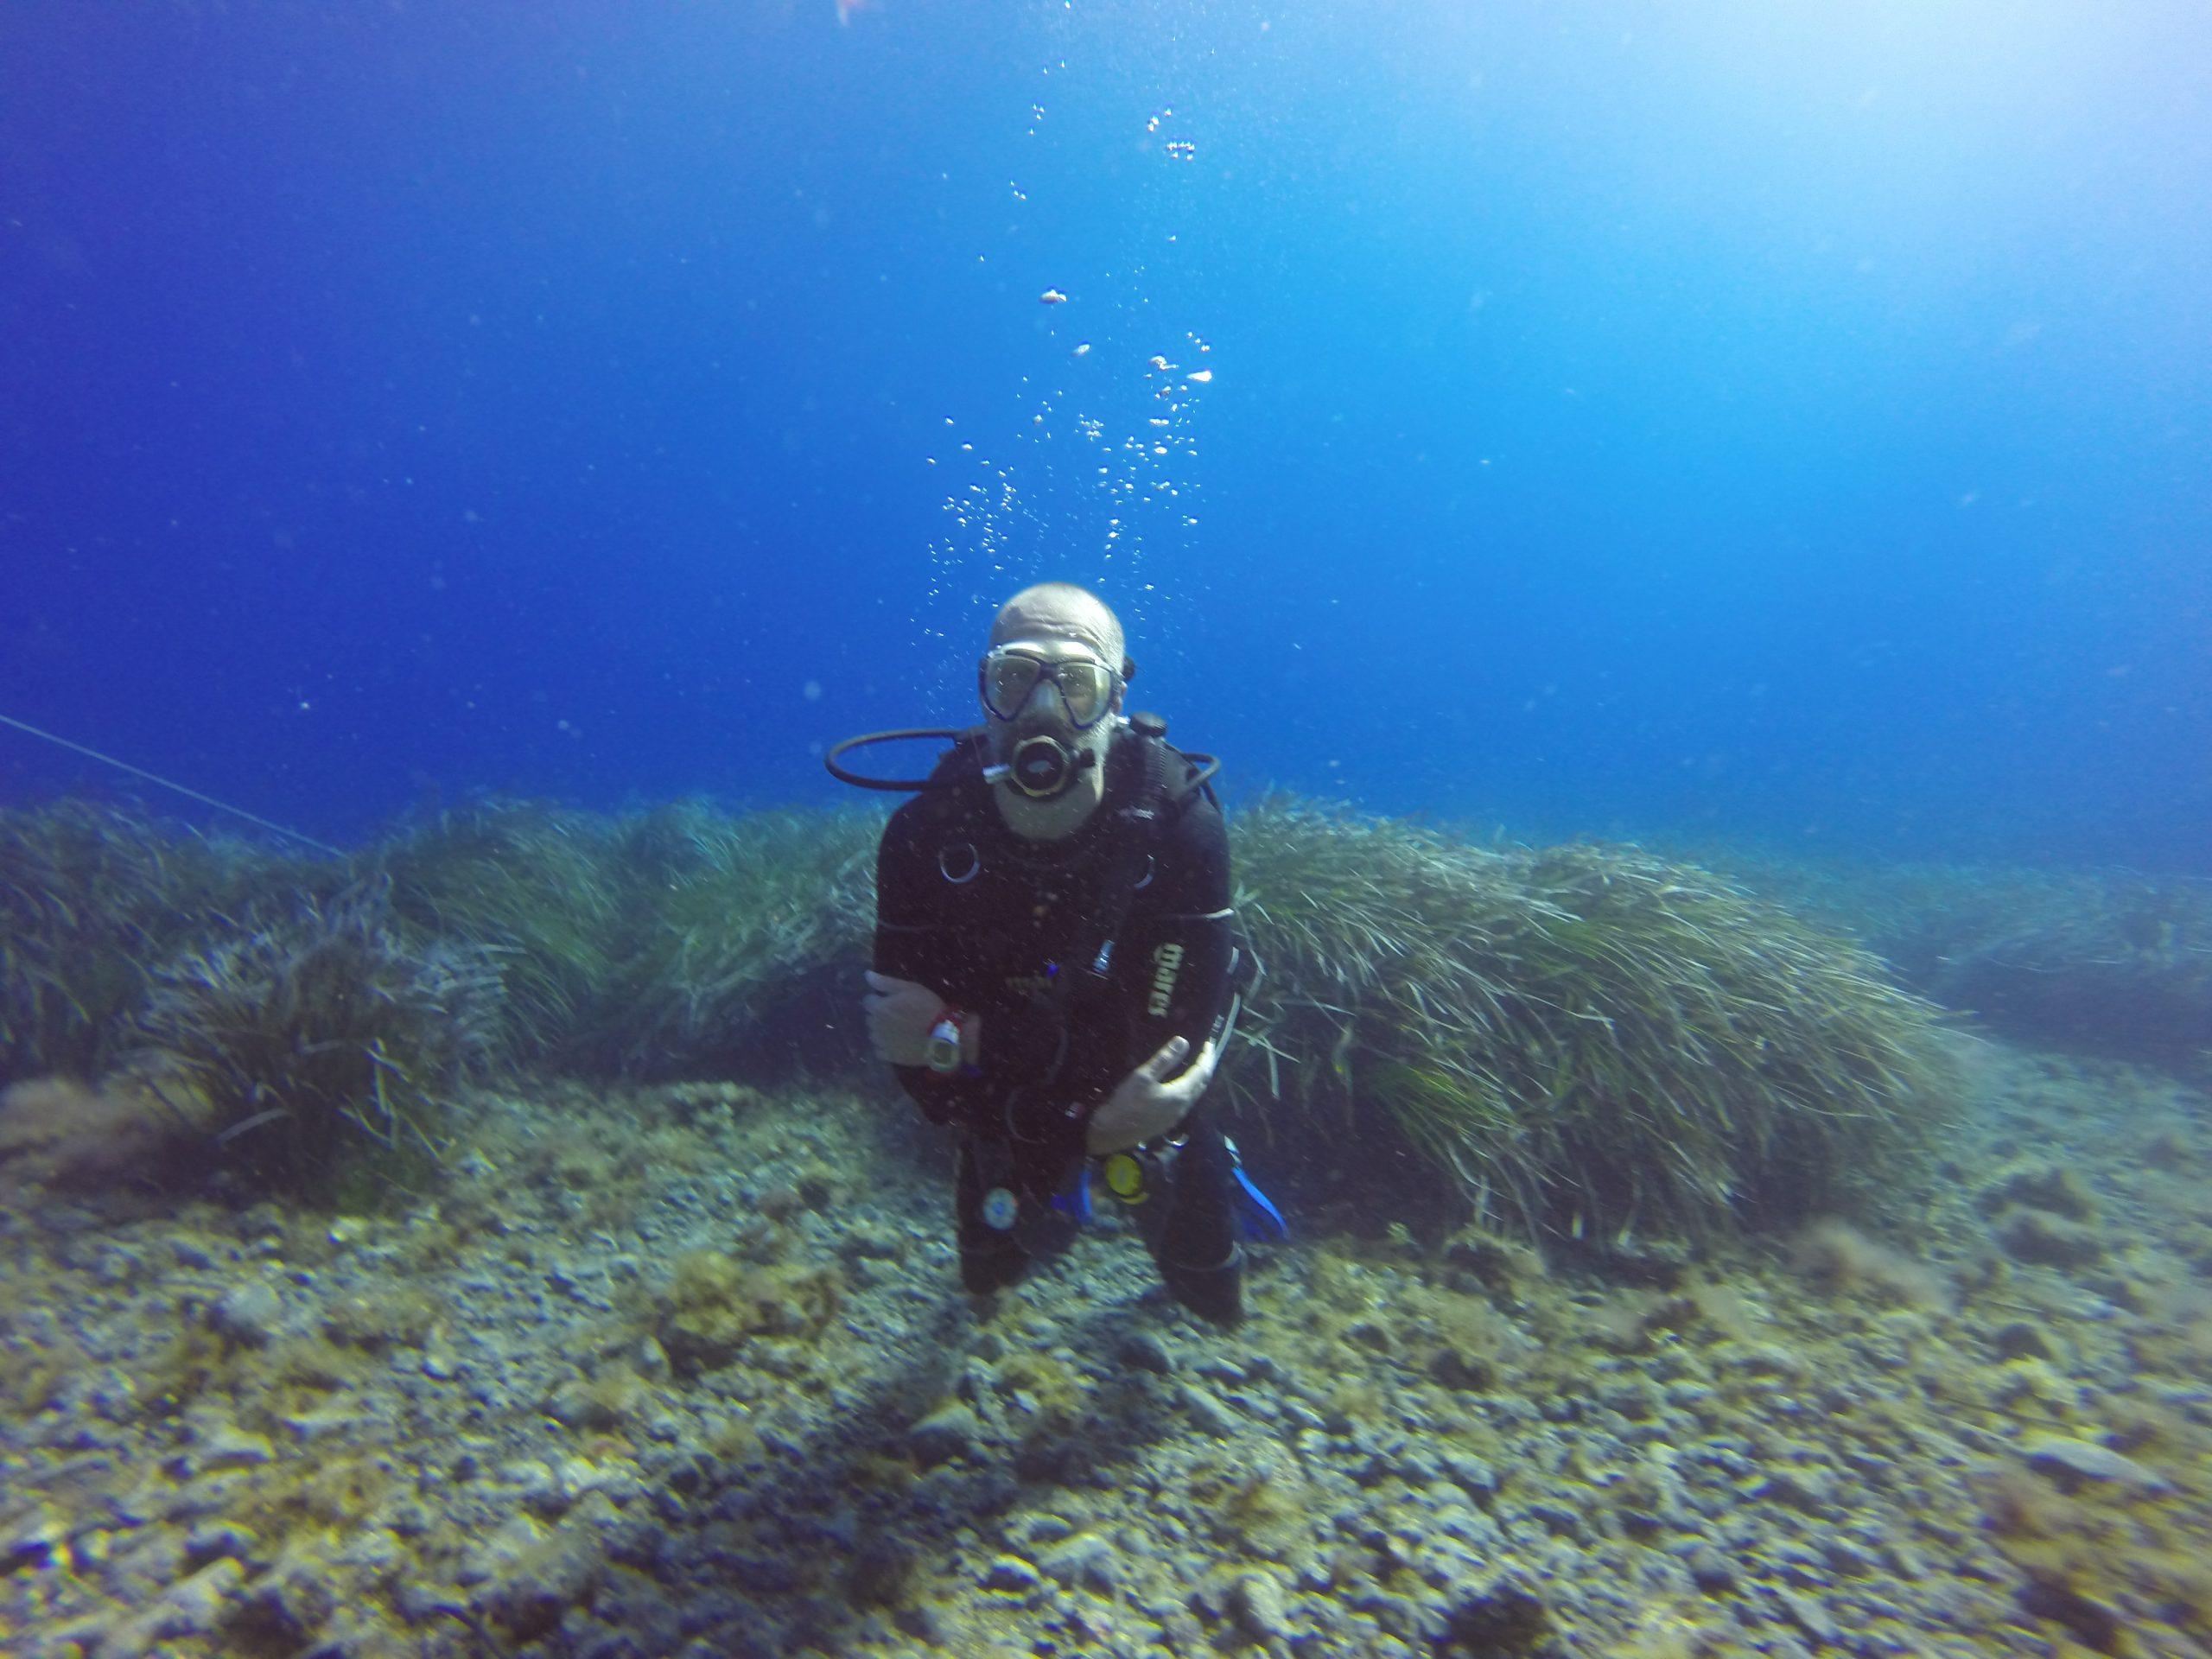 PAEC diver